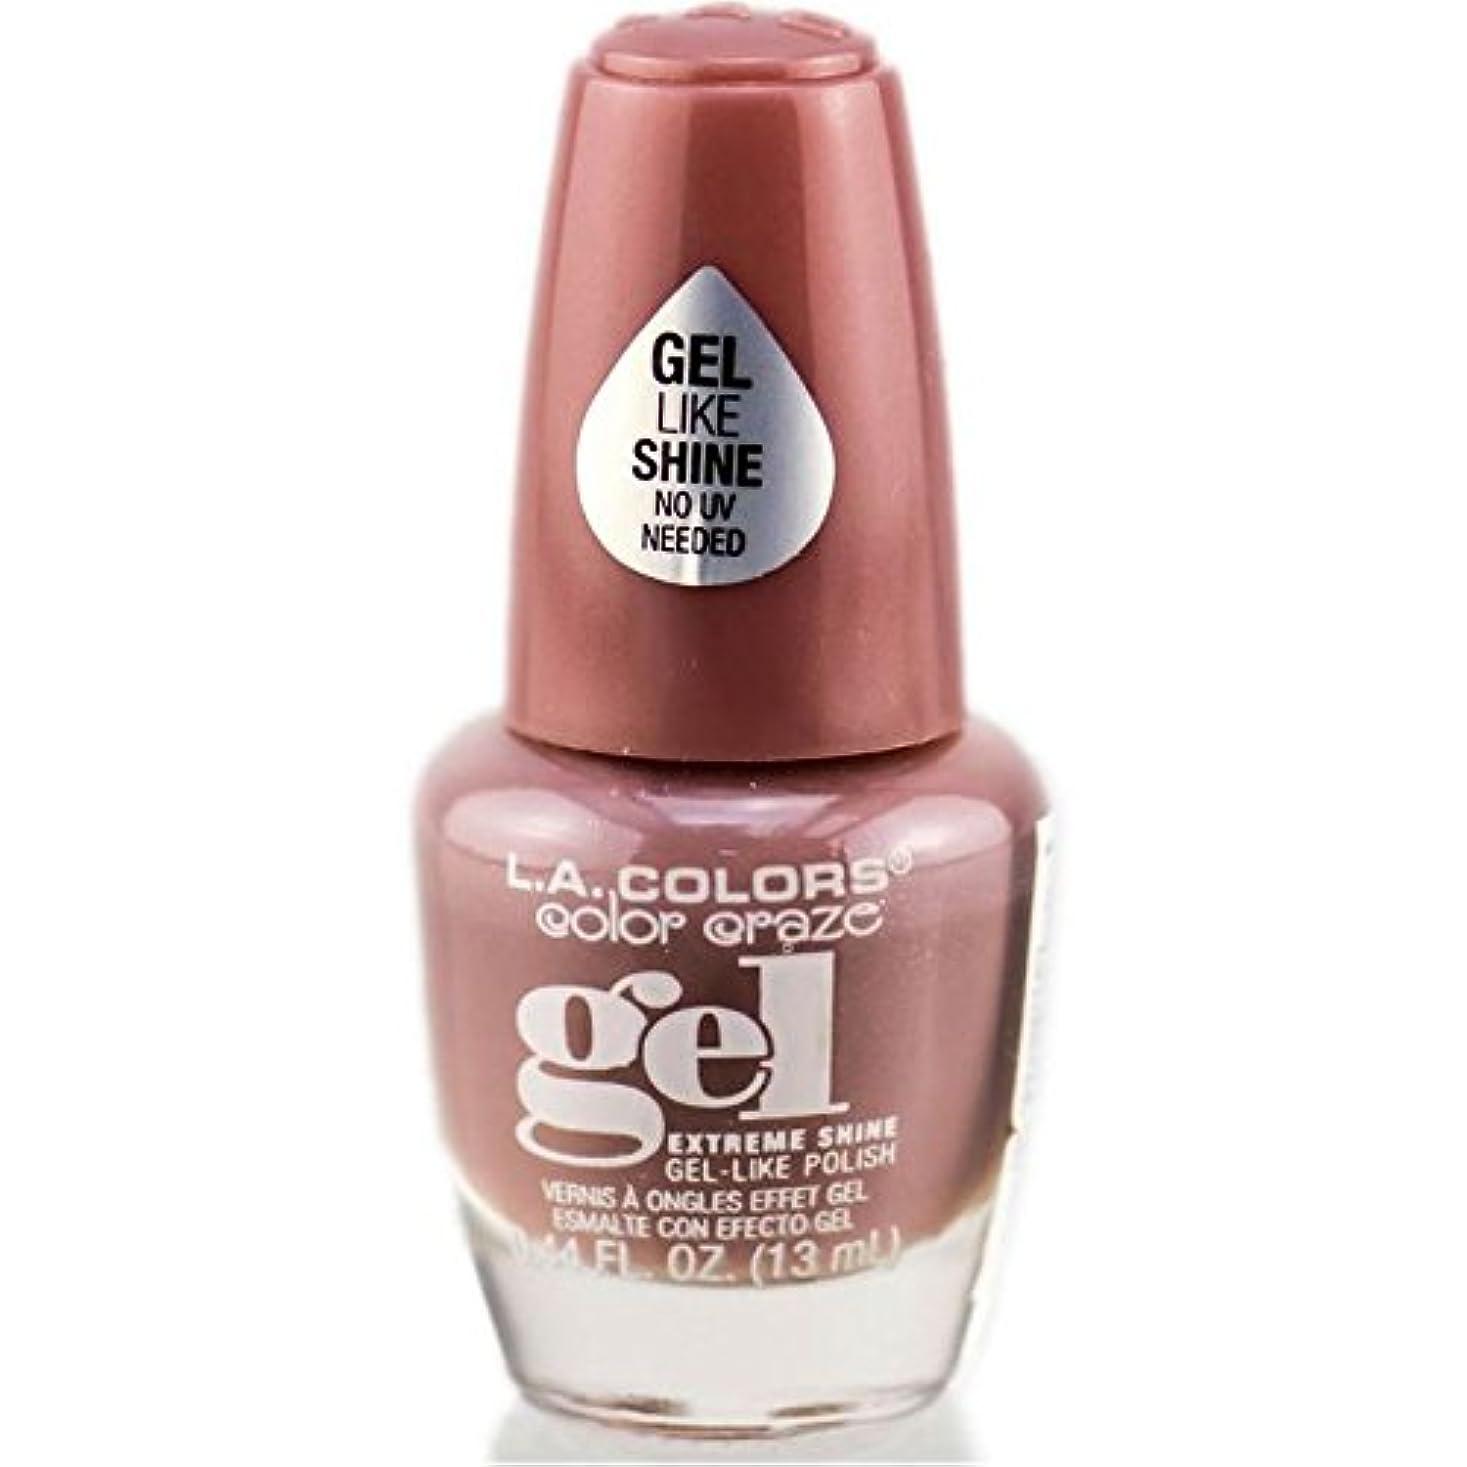 LA Colors 美容化粧品21 Cnp769美容化粧品21